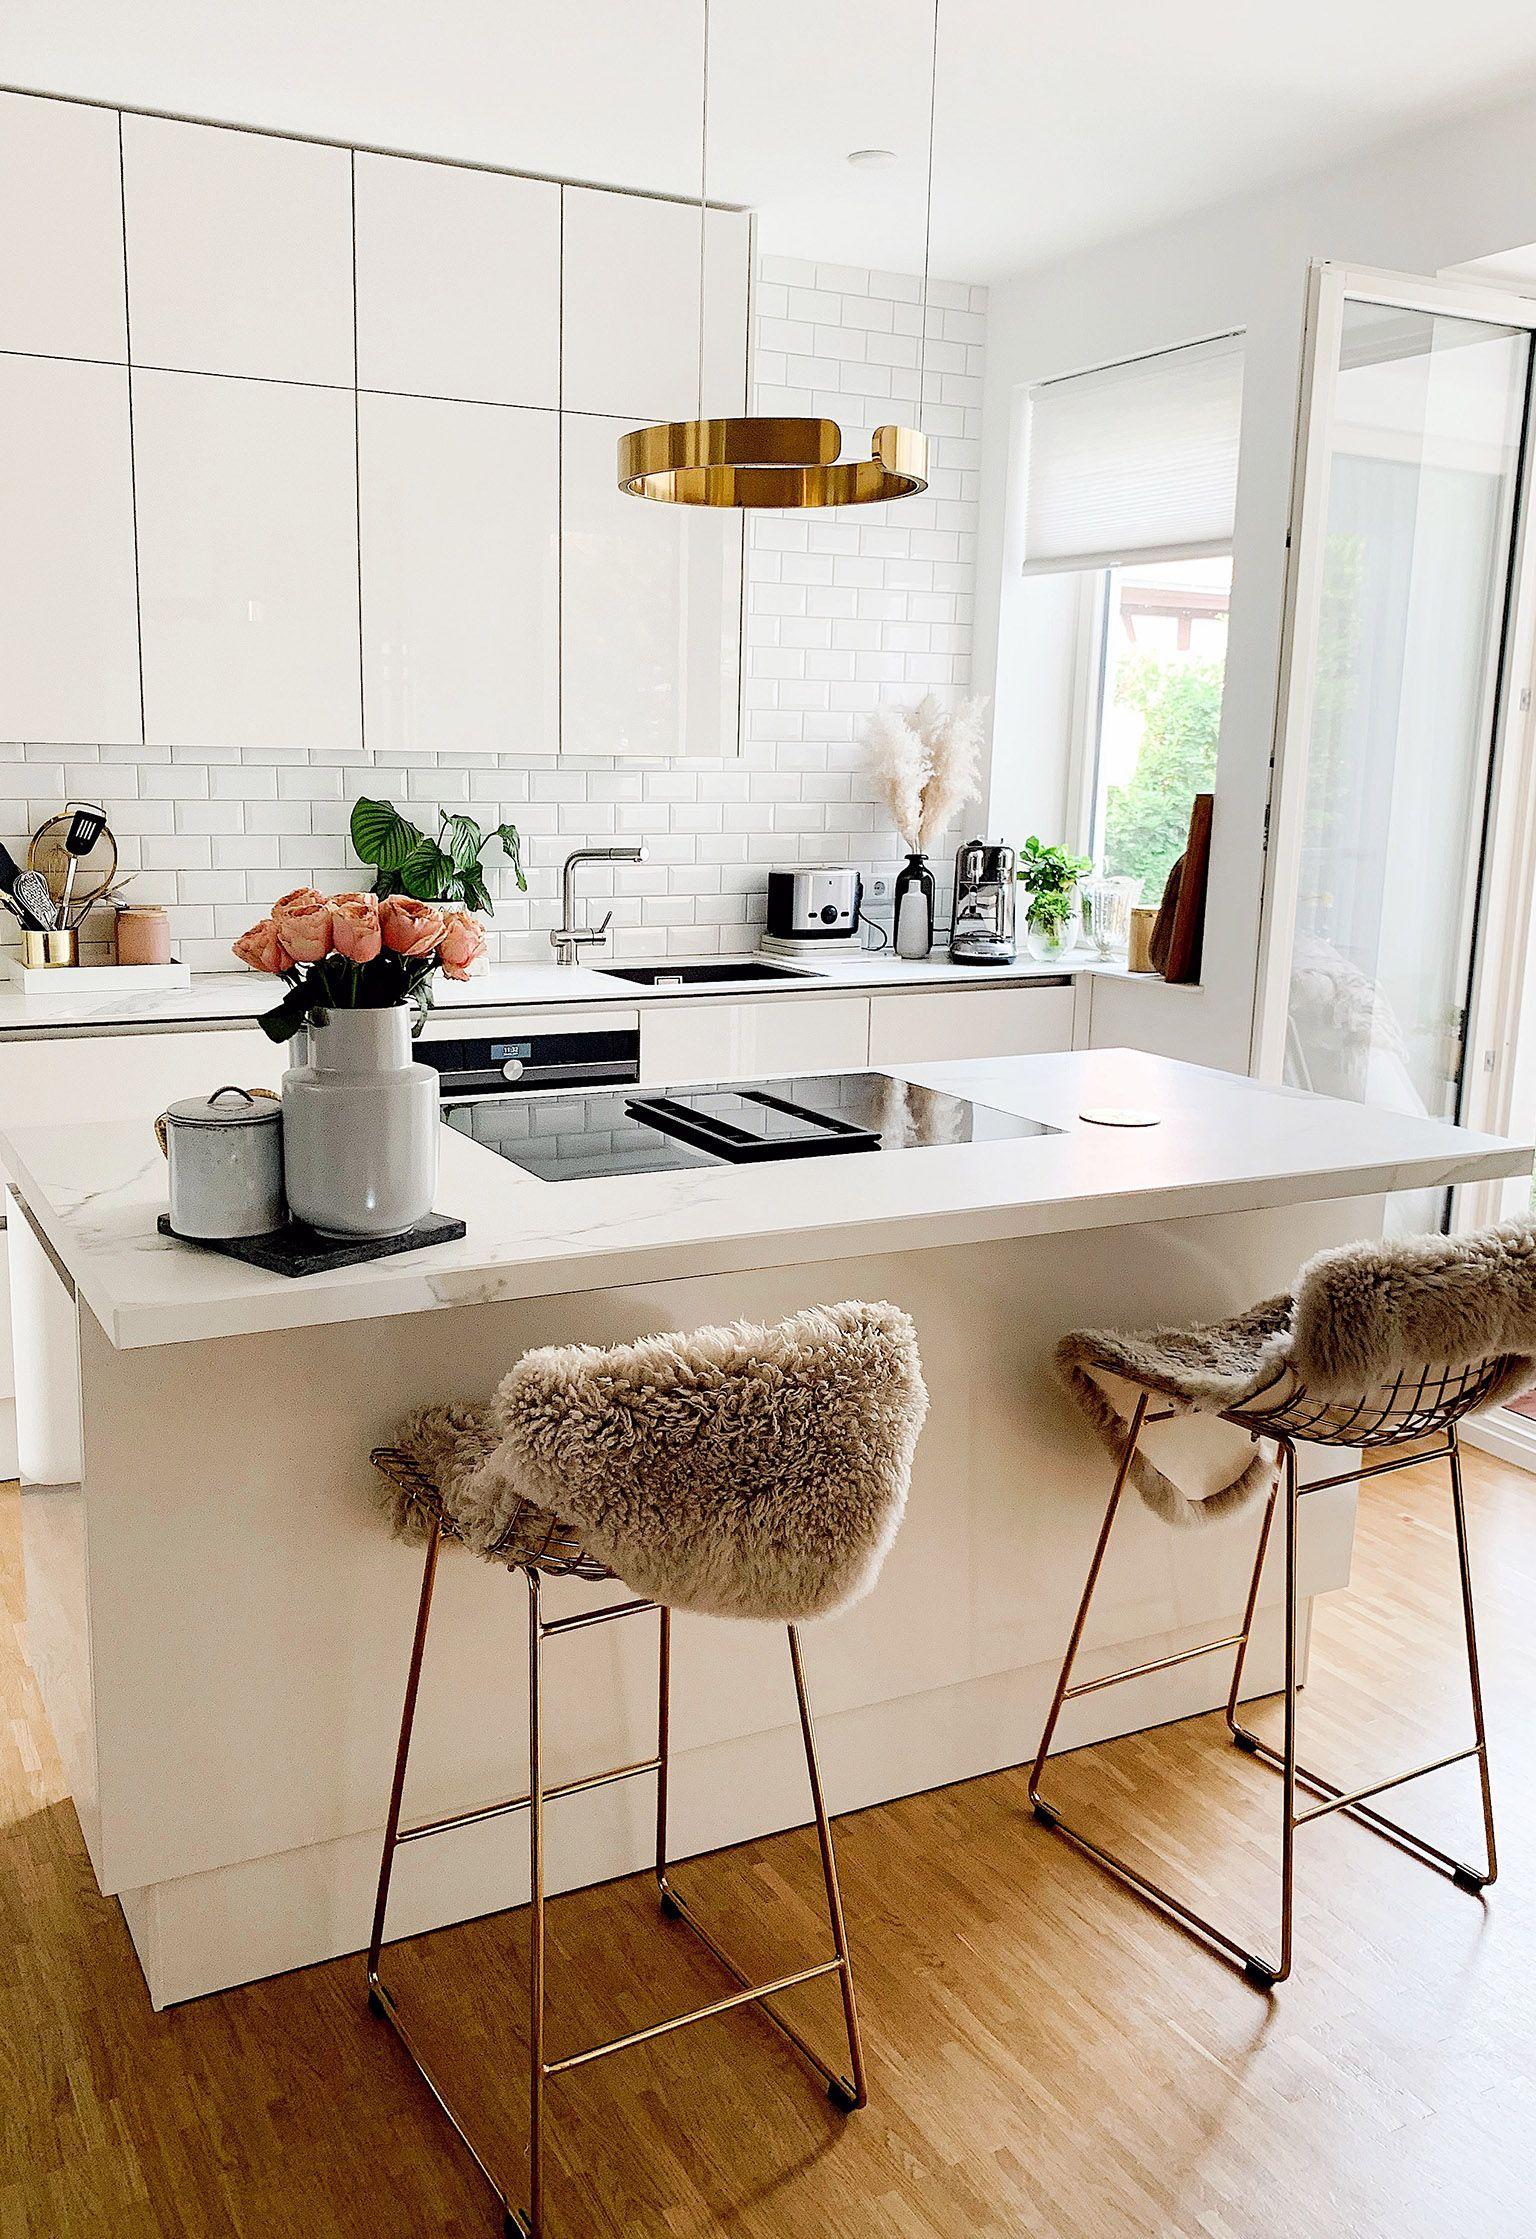 Die erste eigene Küche designen und einrichten #kücheideeneinrichtung